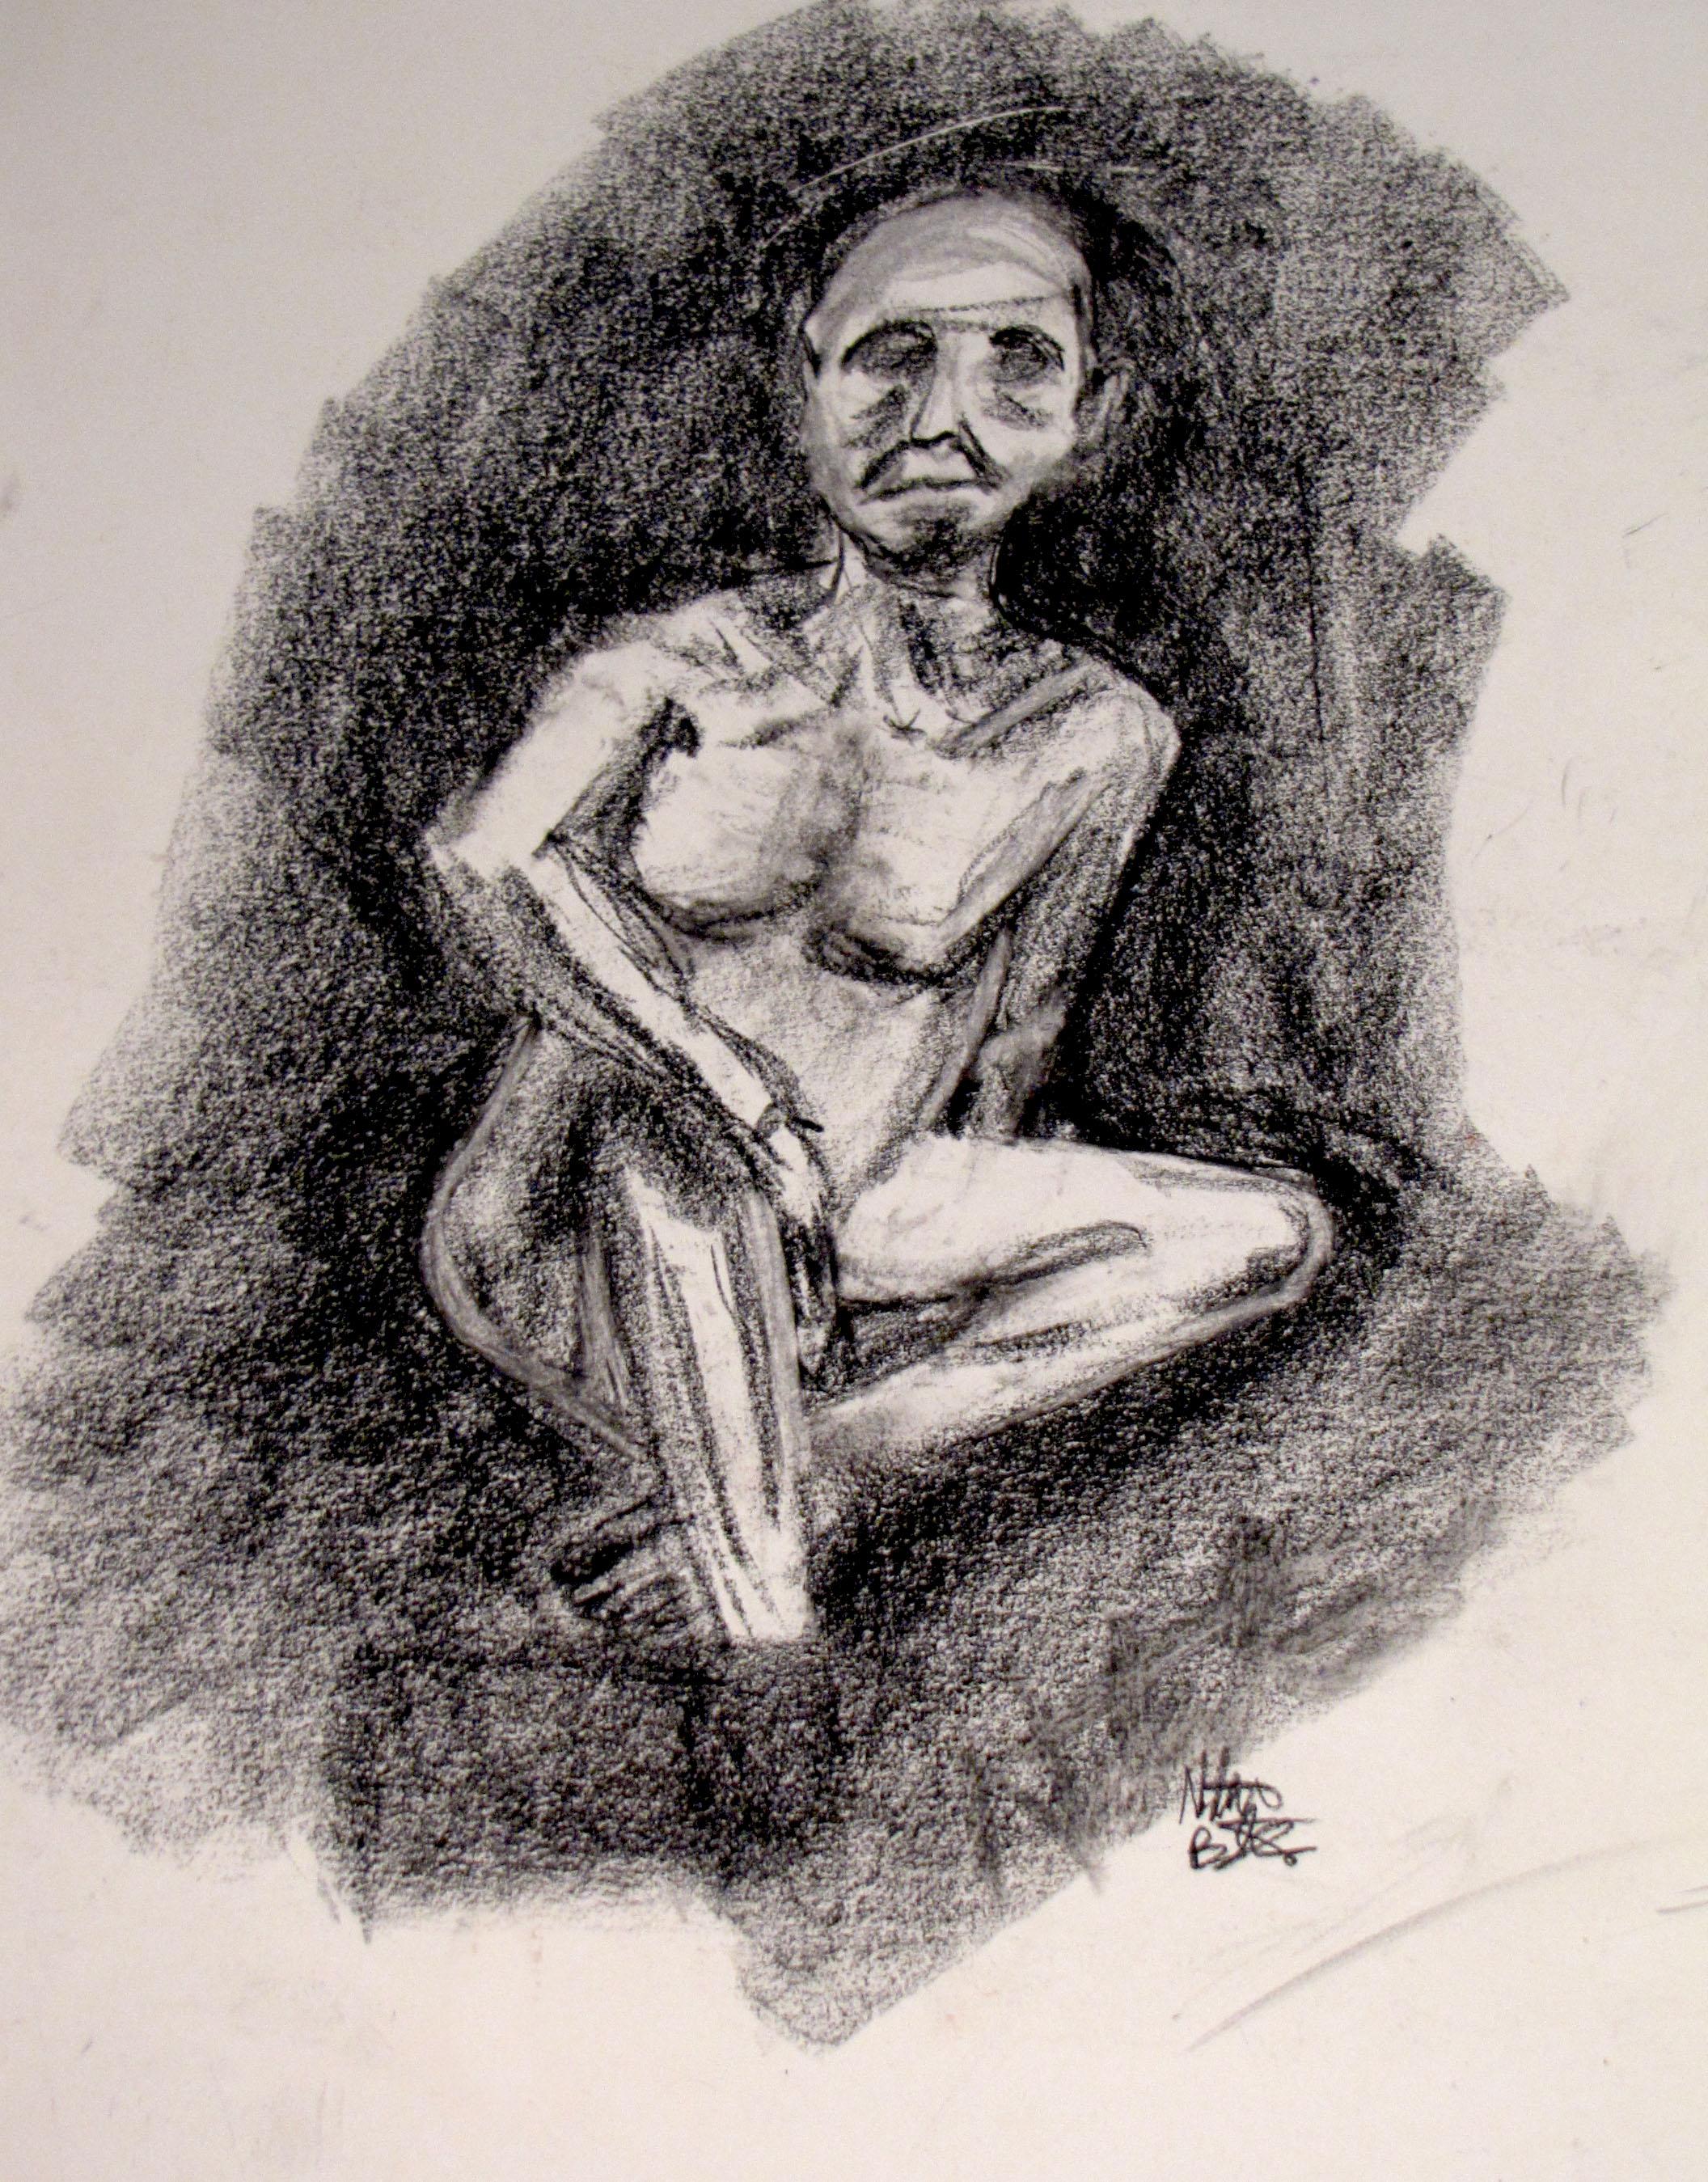 BW Naked Man.jpg